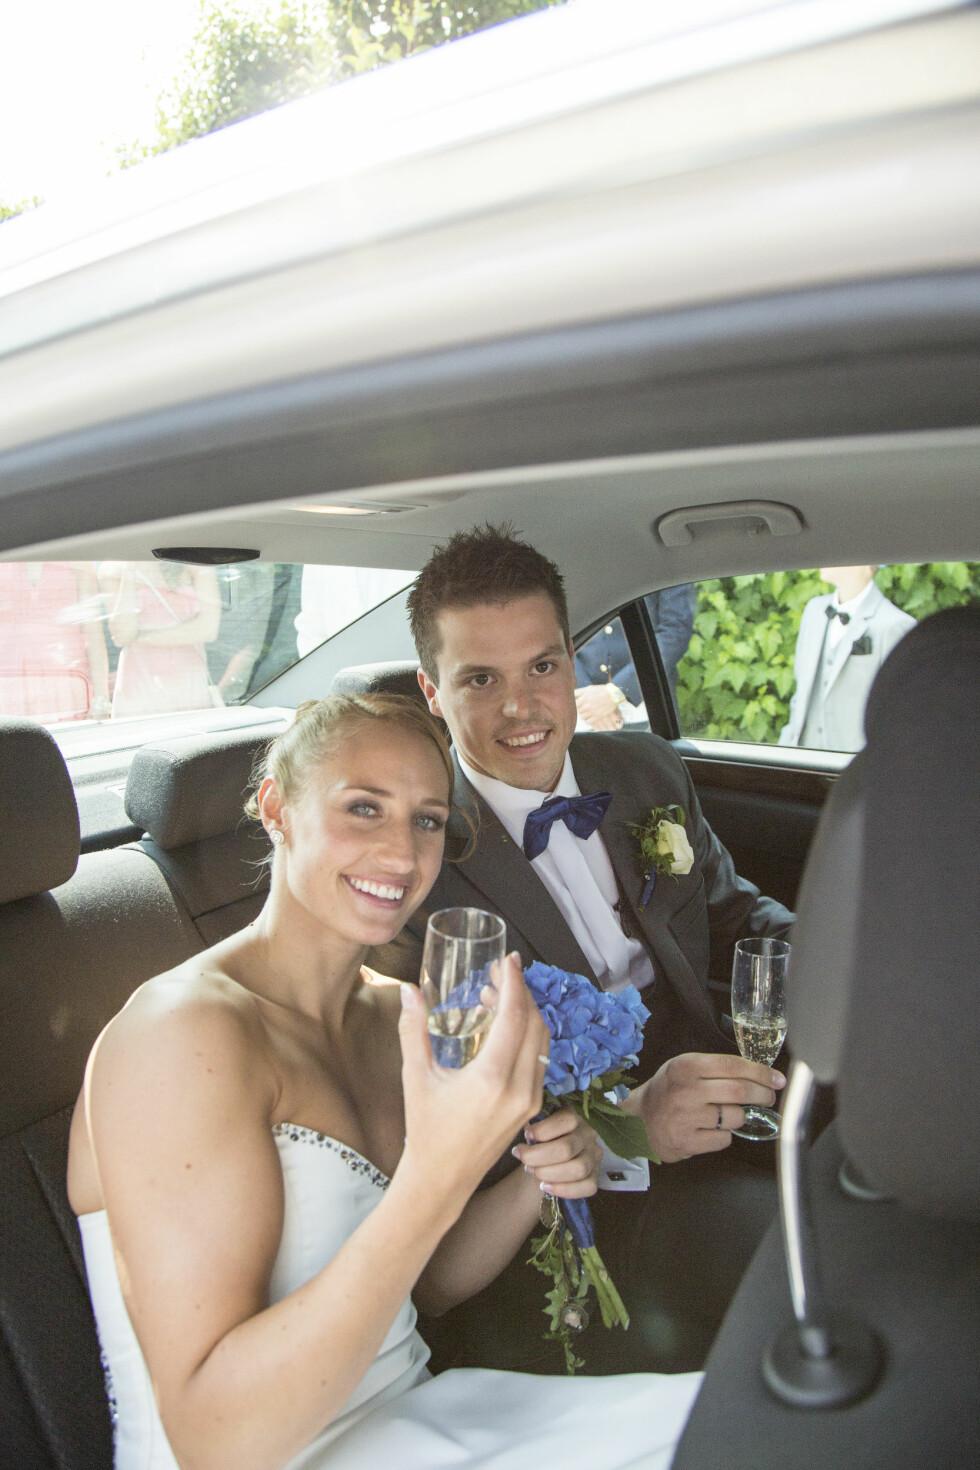 GODT GIFT: Håndballparet Camilla Herrem og Steffen Stegavik giftet seg i Sola kirke i starten av juli 2013. Her er de avbildet etter vielsen.  Foto: Stella Pictures